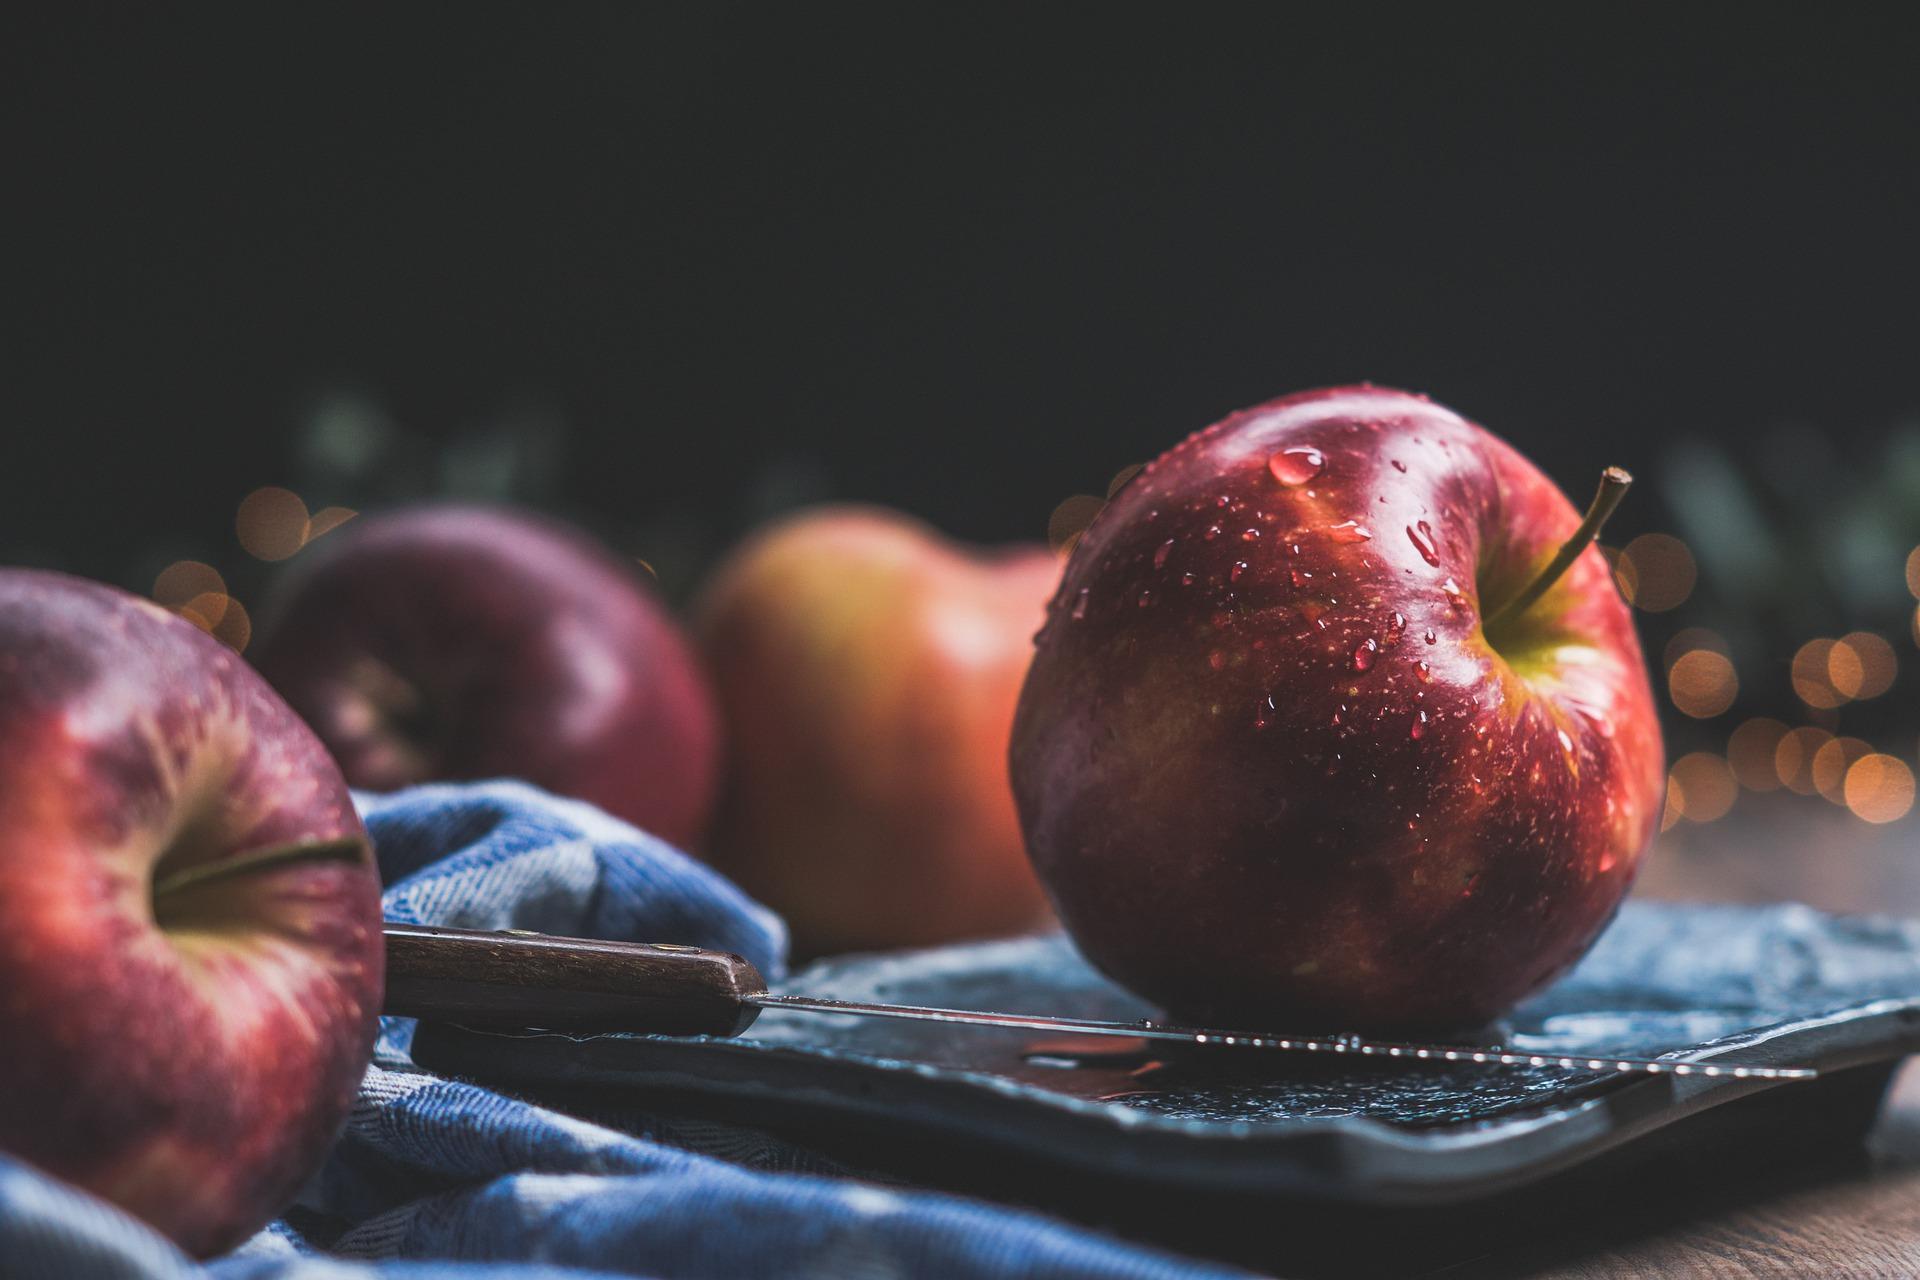 A close up of an apple